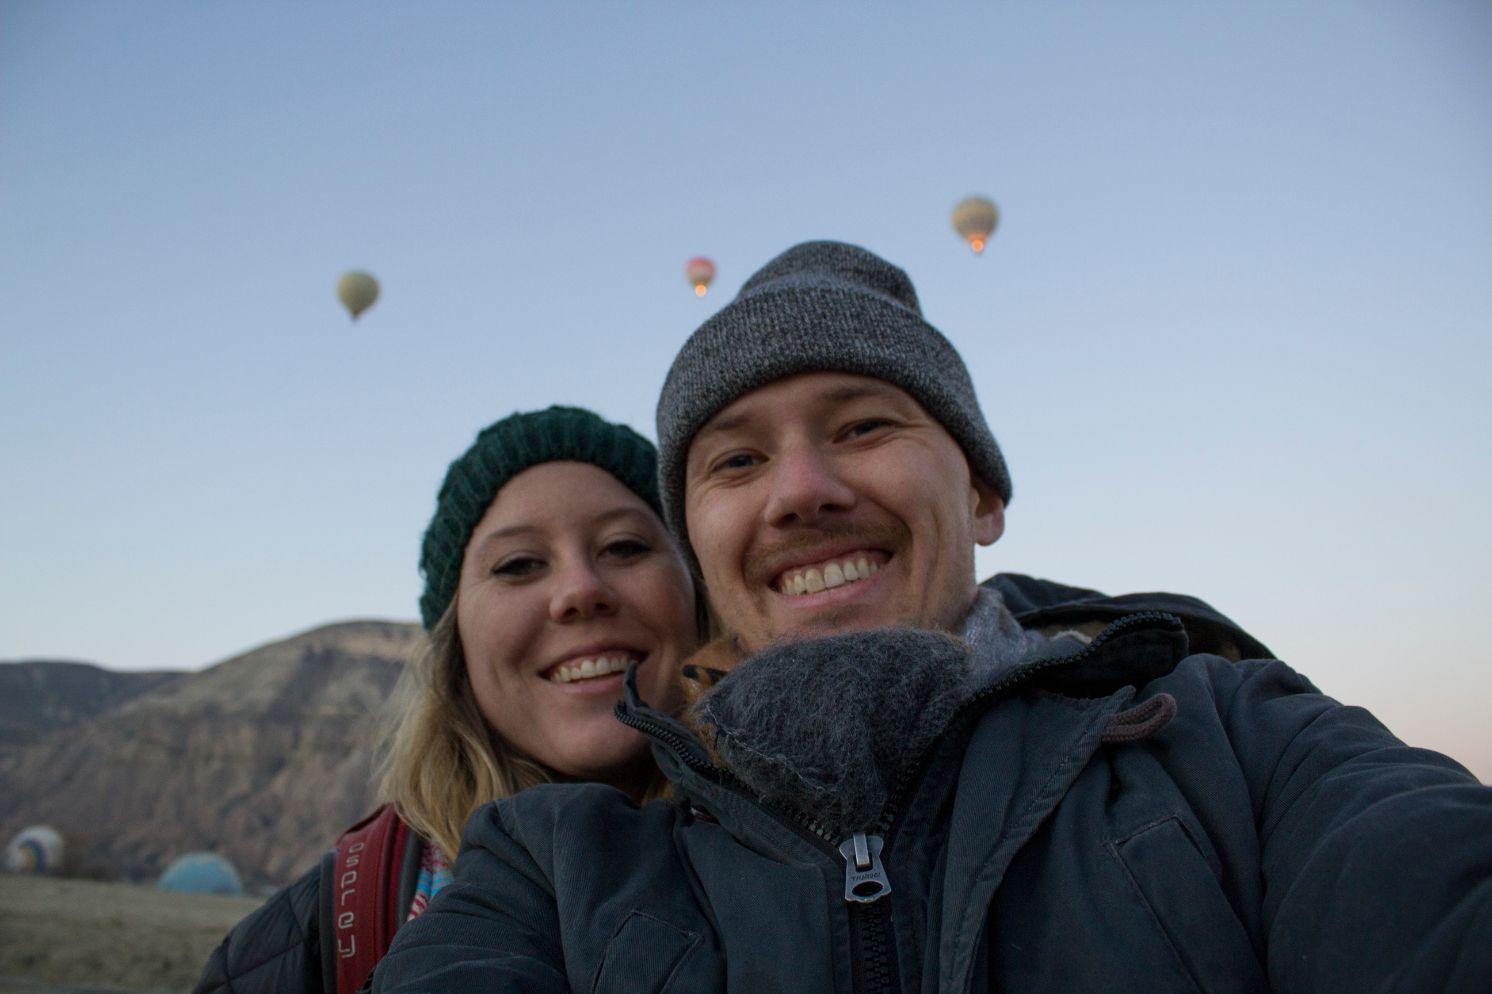 couple with hot air balloons in Cappadocia